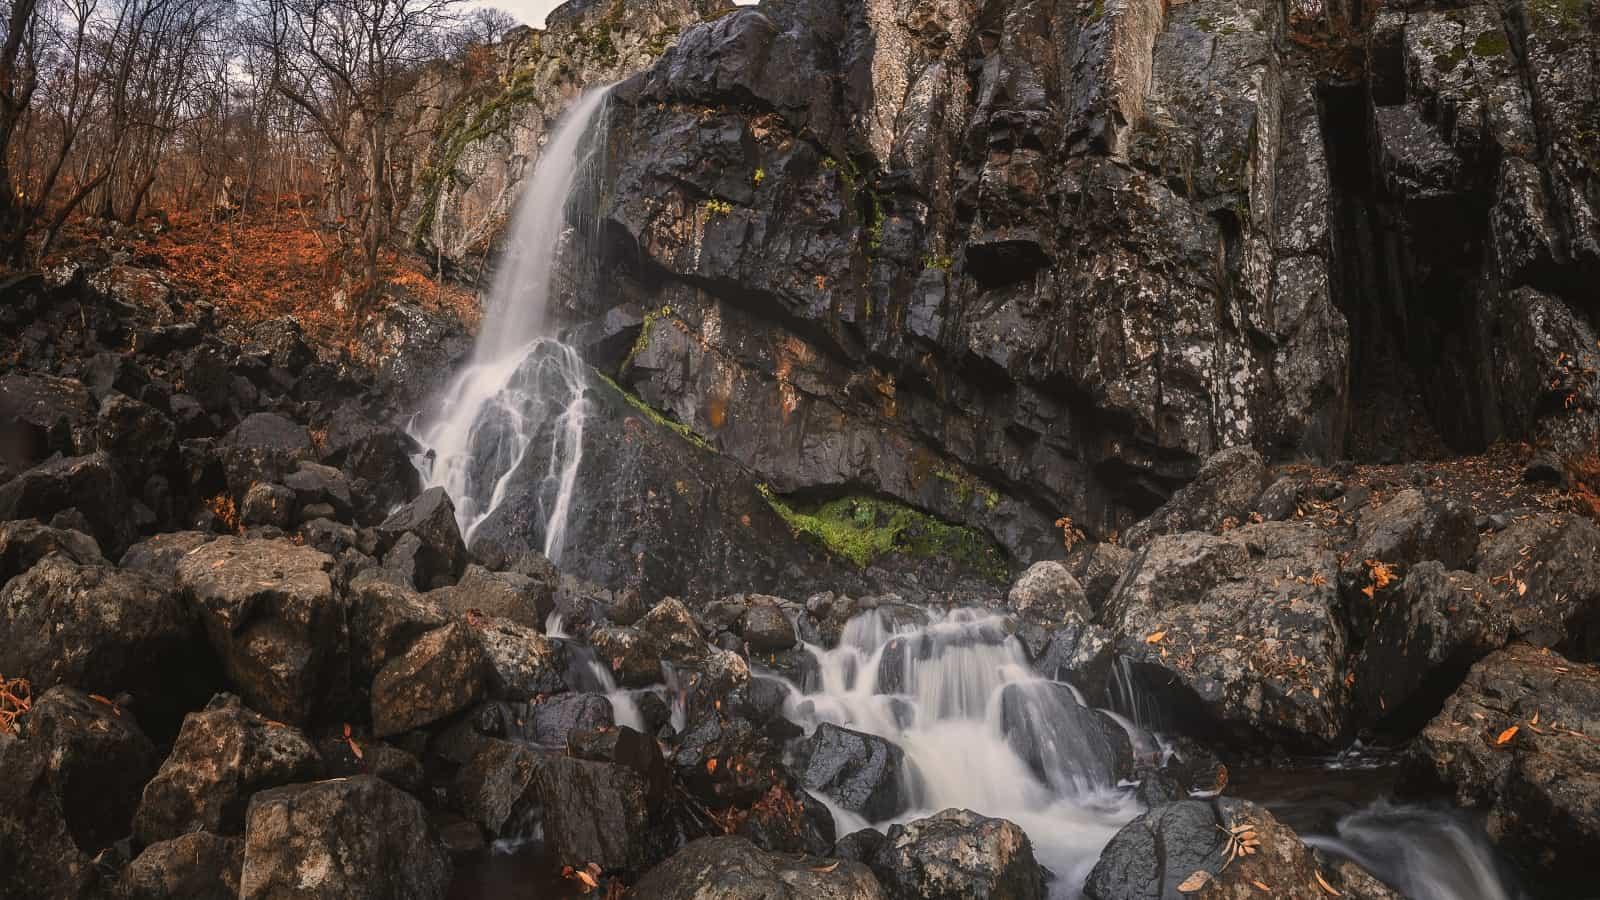 BBoyana-Wasserfall Foto von Veliko Karachiviev bei Unsplash.com